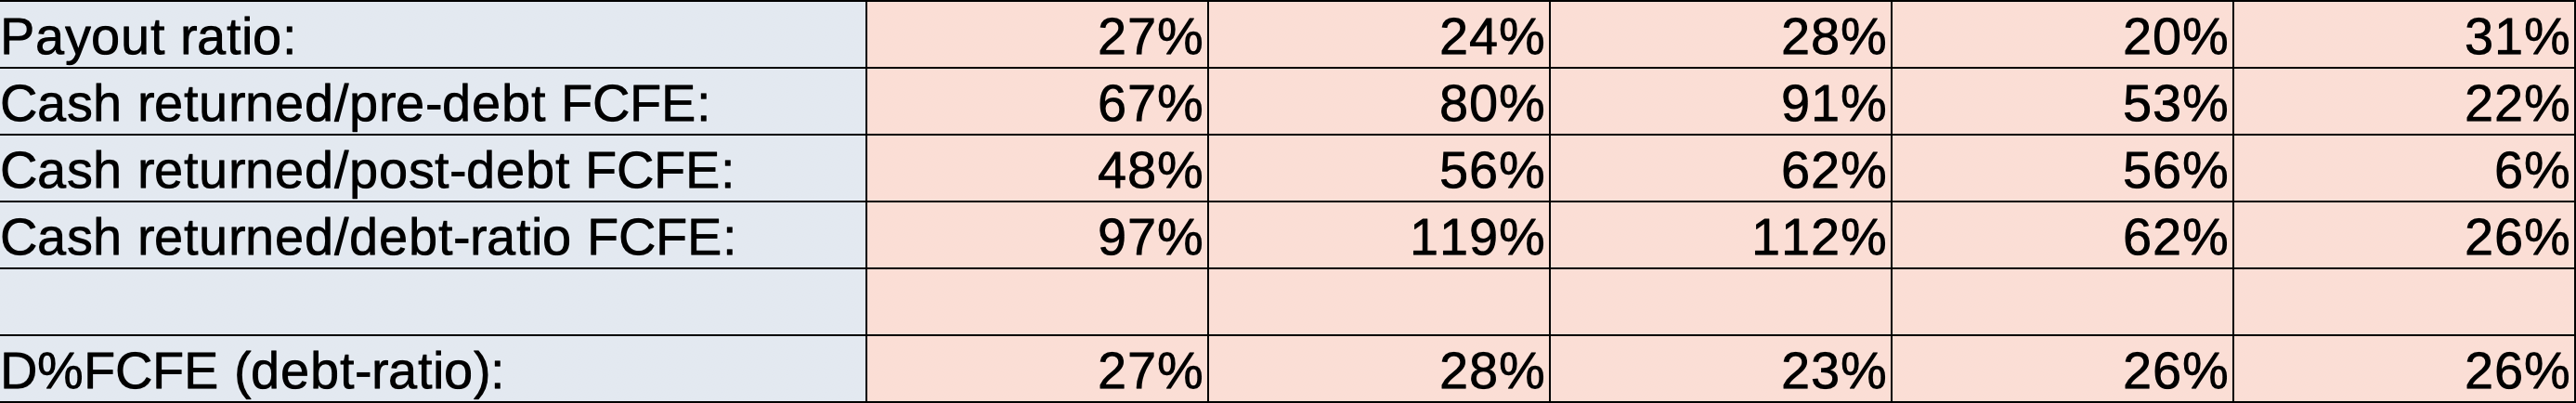 """Le ratio de distribution de Walt Disney Company et les espèces retournées aux actionnaires en pourcentage des flux de trésorerie disponibles vers les capitaux propres """"width ="""" 2774 """"height ="""" 434 """"> <br /> Pour tenir compte du bond des flux de trésorerie disponibles vers les capitaux propres de Disney après la dette en 2019, nous avons utilisé le ratio d'endettement existant de la société de 30% pour financer sa croissance et ses besoins en fonds de roulement. Ce ratio a grimpé en partie en raison de l'acquisition par Disney de Twenty First Century Fox Inc. l'année dernière et il s'agit peut-être de la mesure la plus critique de la pièce d'aujourd'hui. Le taux d'endettement du FCFE de Disney est calculé en utilisant la valeur marchande de Disney de la dette à partir de septembre 2019 et les estimations de ce FCFE pour les années entre 2014 et 2018 l'intègrent également. <br /> Ce chiffre, qui mérite une pièce distincte simplement pour son calcul, montre que la gestion de Disney pourrait peut-être il est difficile d'augmenter les flux de trésorerie disponibles pour les actionnaires en finançant la croissance par des émissions de dettes à l'avenir. En supposant que le taux d'endettement optimal de Disney est de 40%, sa direction trouvera difficile d'équilibrer les baisses potentielles de COVID-19 qui nuiront aux flux de trésorerie et au besoin d'investir dans des opportunités de croissance. <br /> Pourtant, peut-être dans un accident vasculaire cérébral Heureusement, les dividendes du géant du divertissement payés en pourcentage de son FCFE – le ratio d'endettement est resté de 26% en 2019, démontrant que même s'il choisit de financer la croissance par le biais des flux de trésorerie disponibles, il peut maintenir des dividendes historiques. <br /> Cependant, en une conclusion plus sobre, <strong> La Walt Disney Company aurait peut-être ruiné sa capacité d'endettement presque parfaite en se surchargeant de 17,4 milliards de dollars de Twenty First Century Fox Inc à u"""